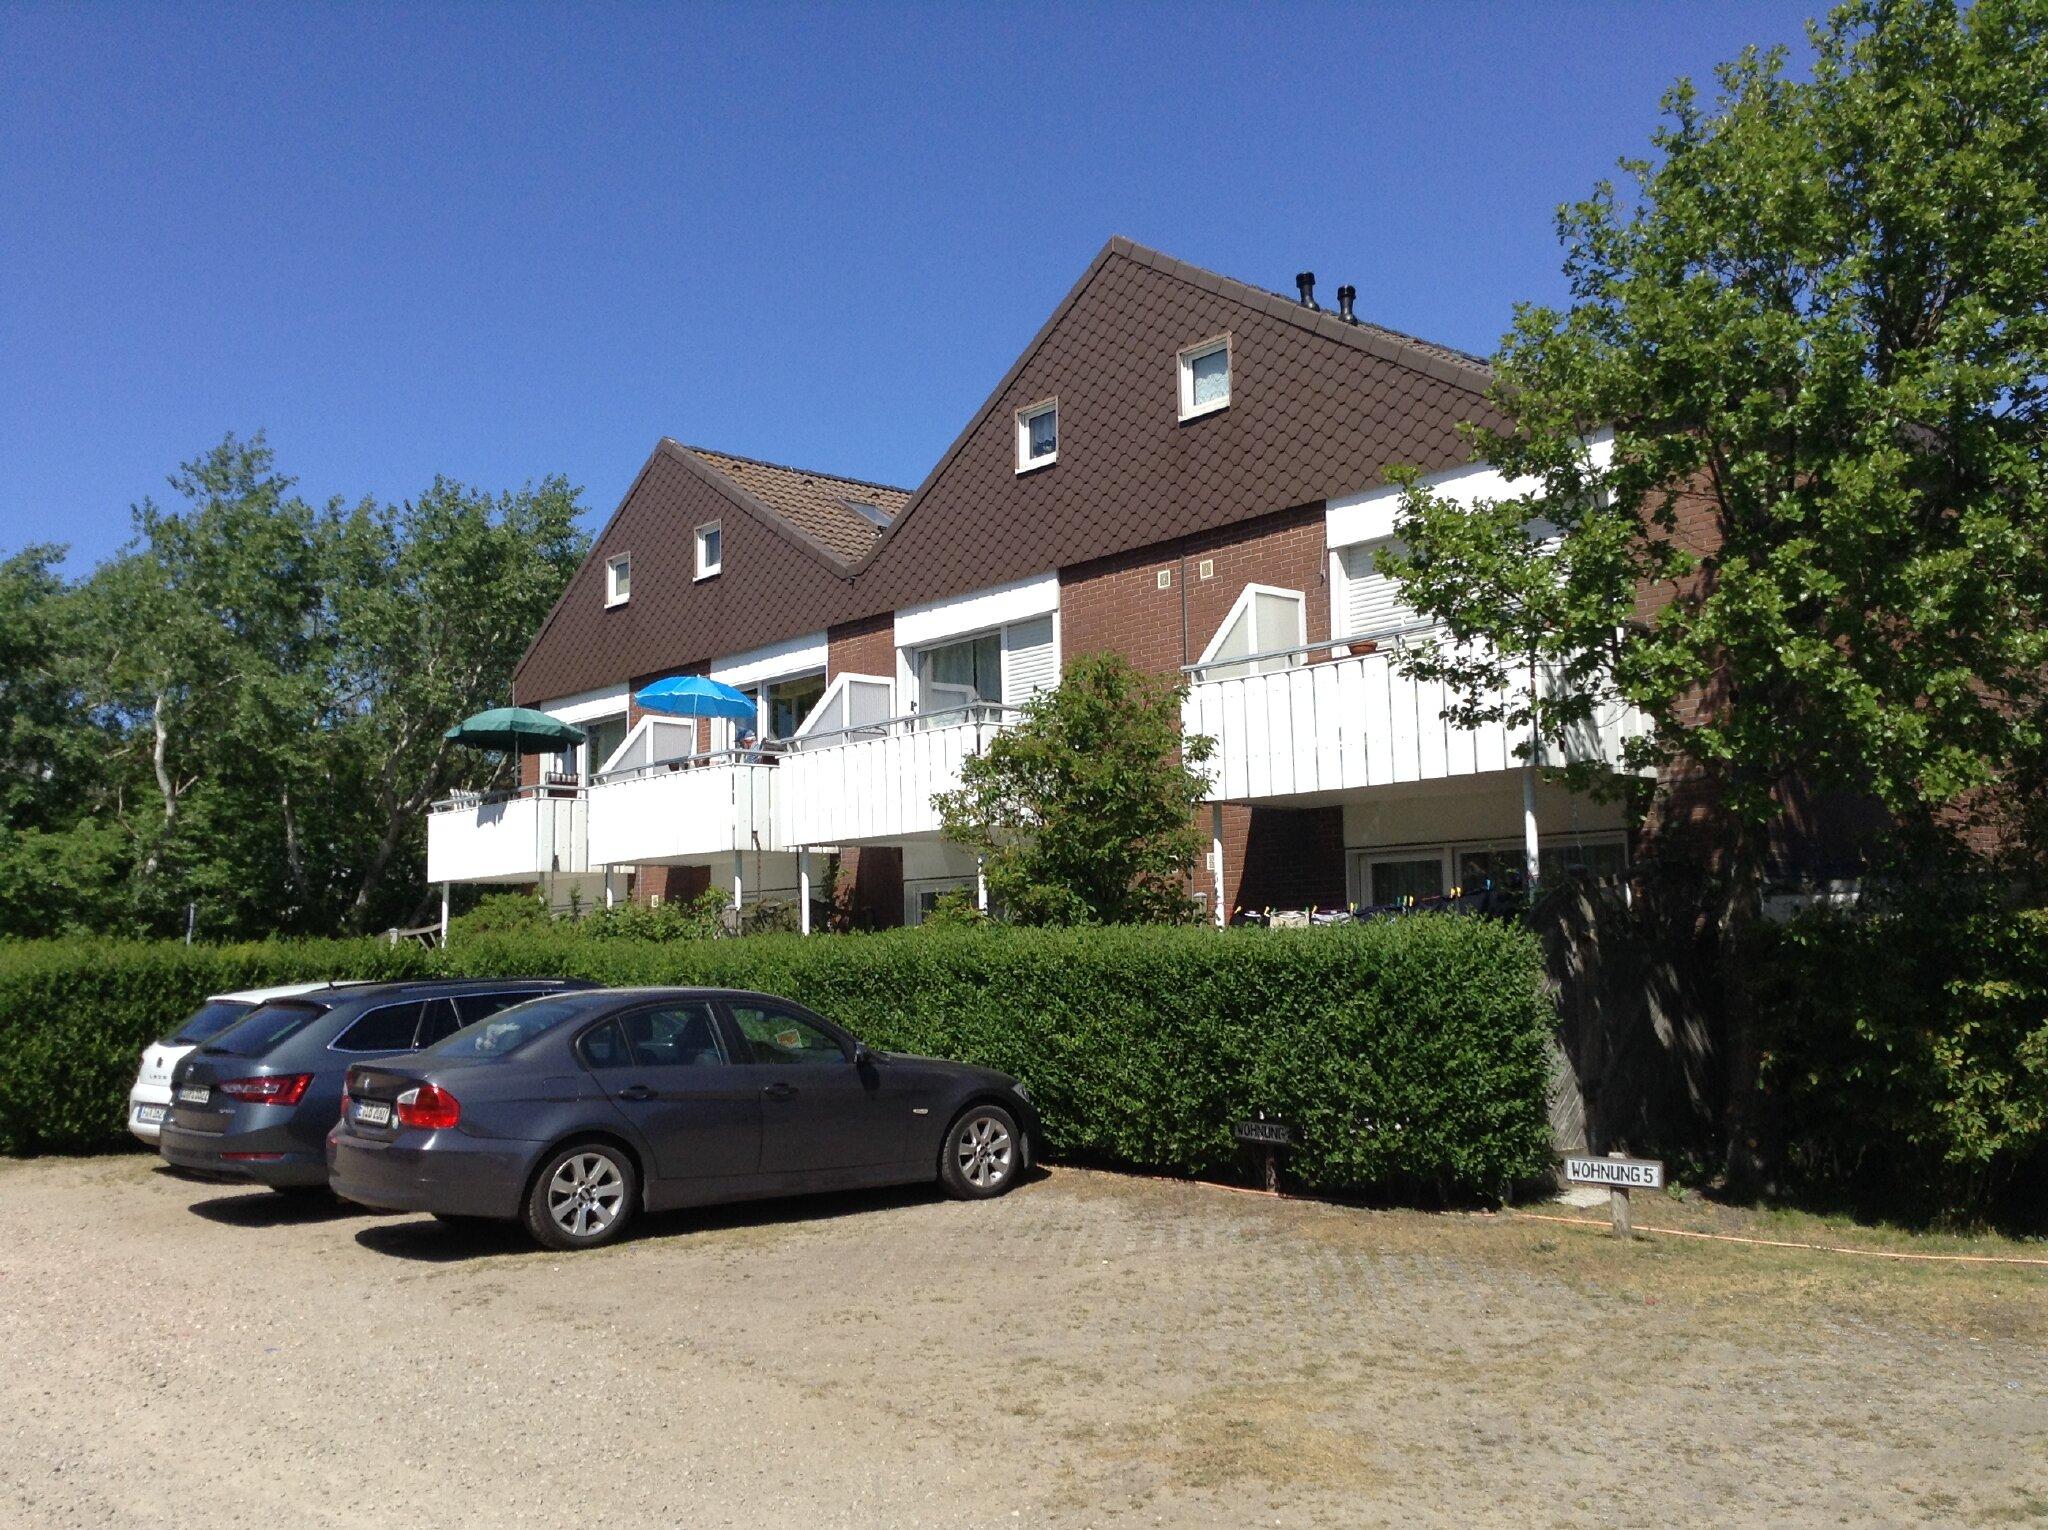 Seitliche Ansicht vom Haus Norderoog.